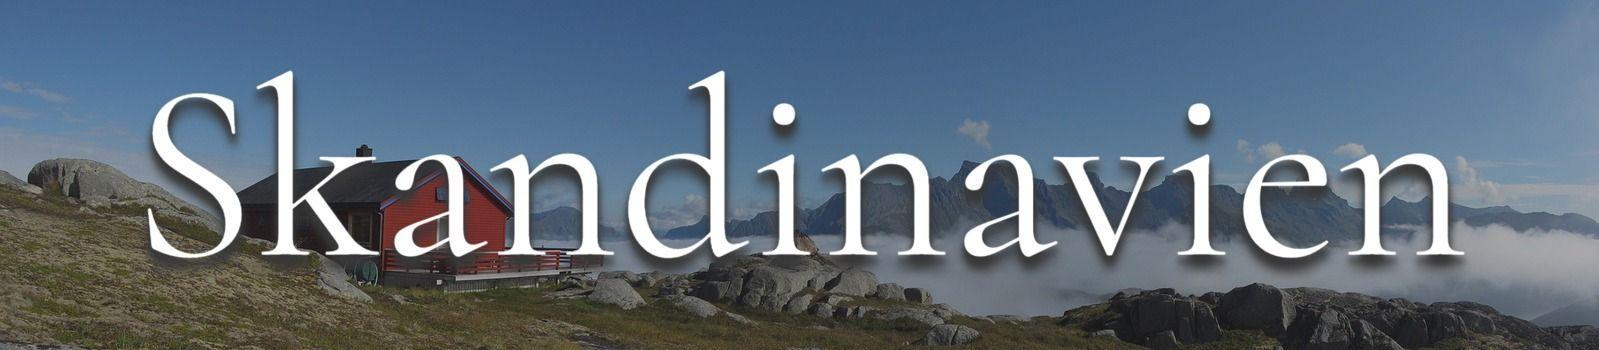 Skandinavien Banner